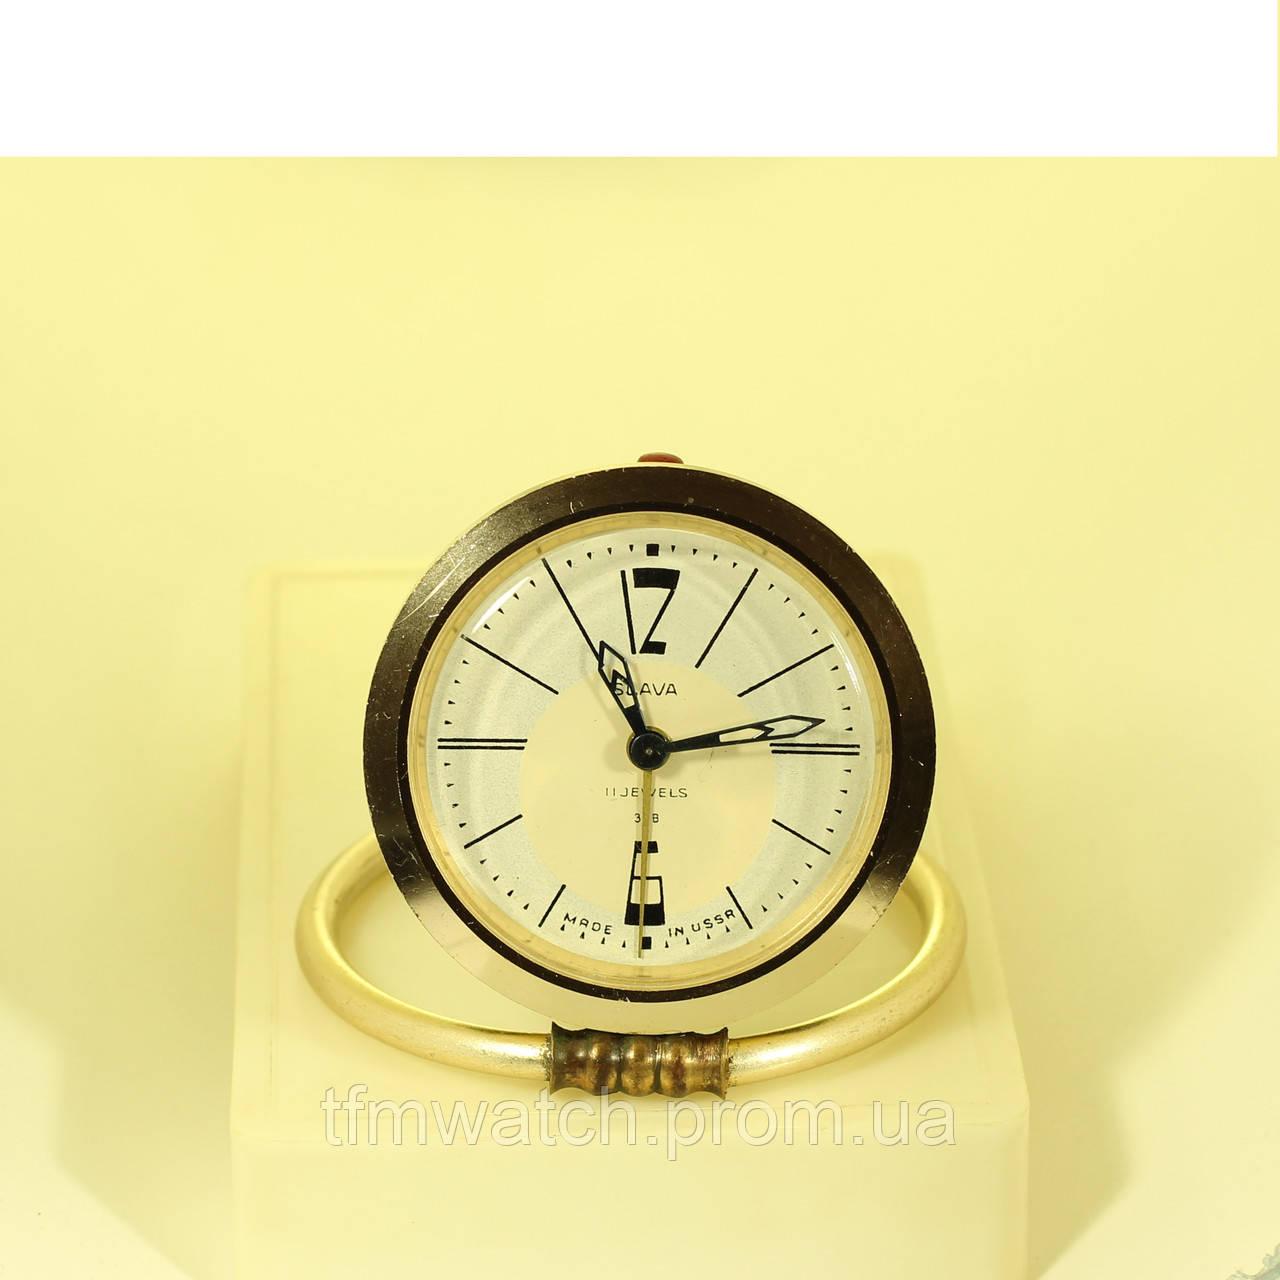 Ссср скупка часов цены будильников в свао ломбард 24 часа